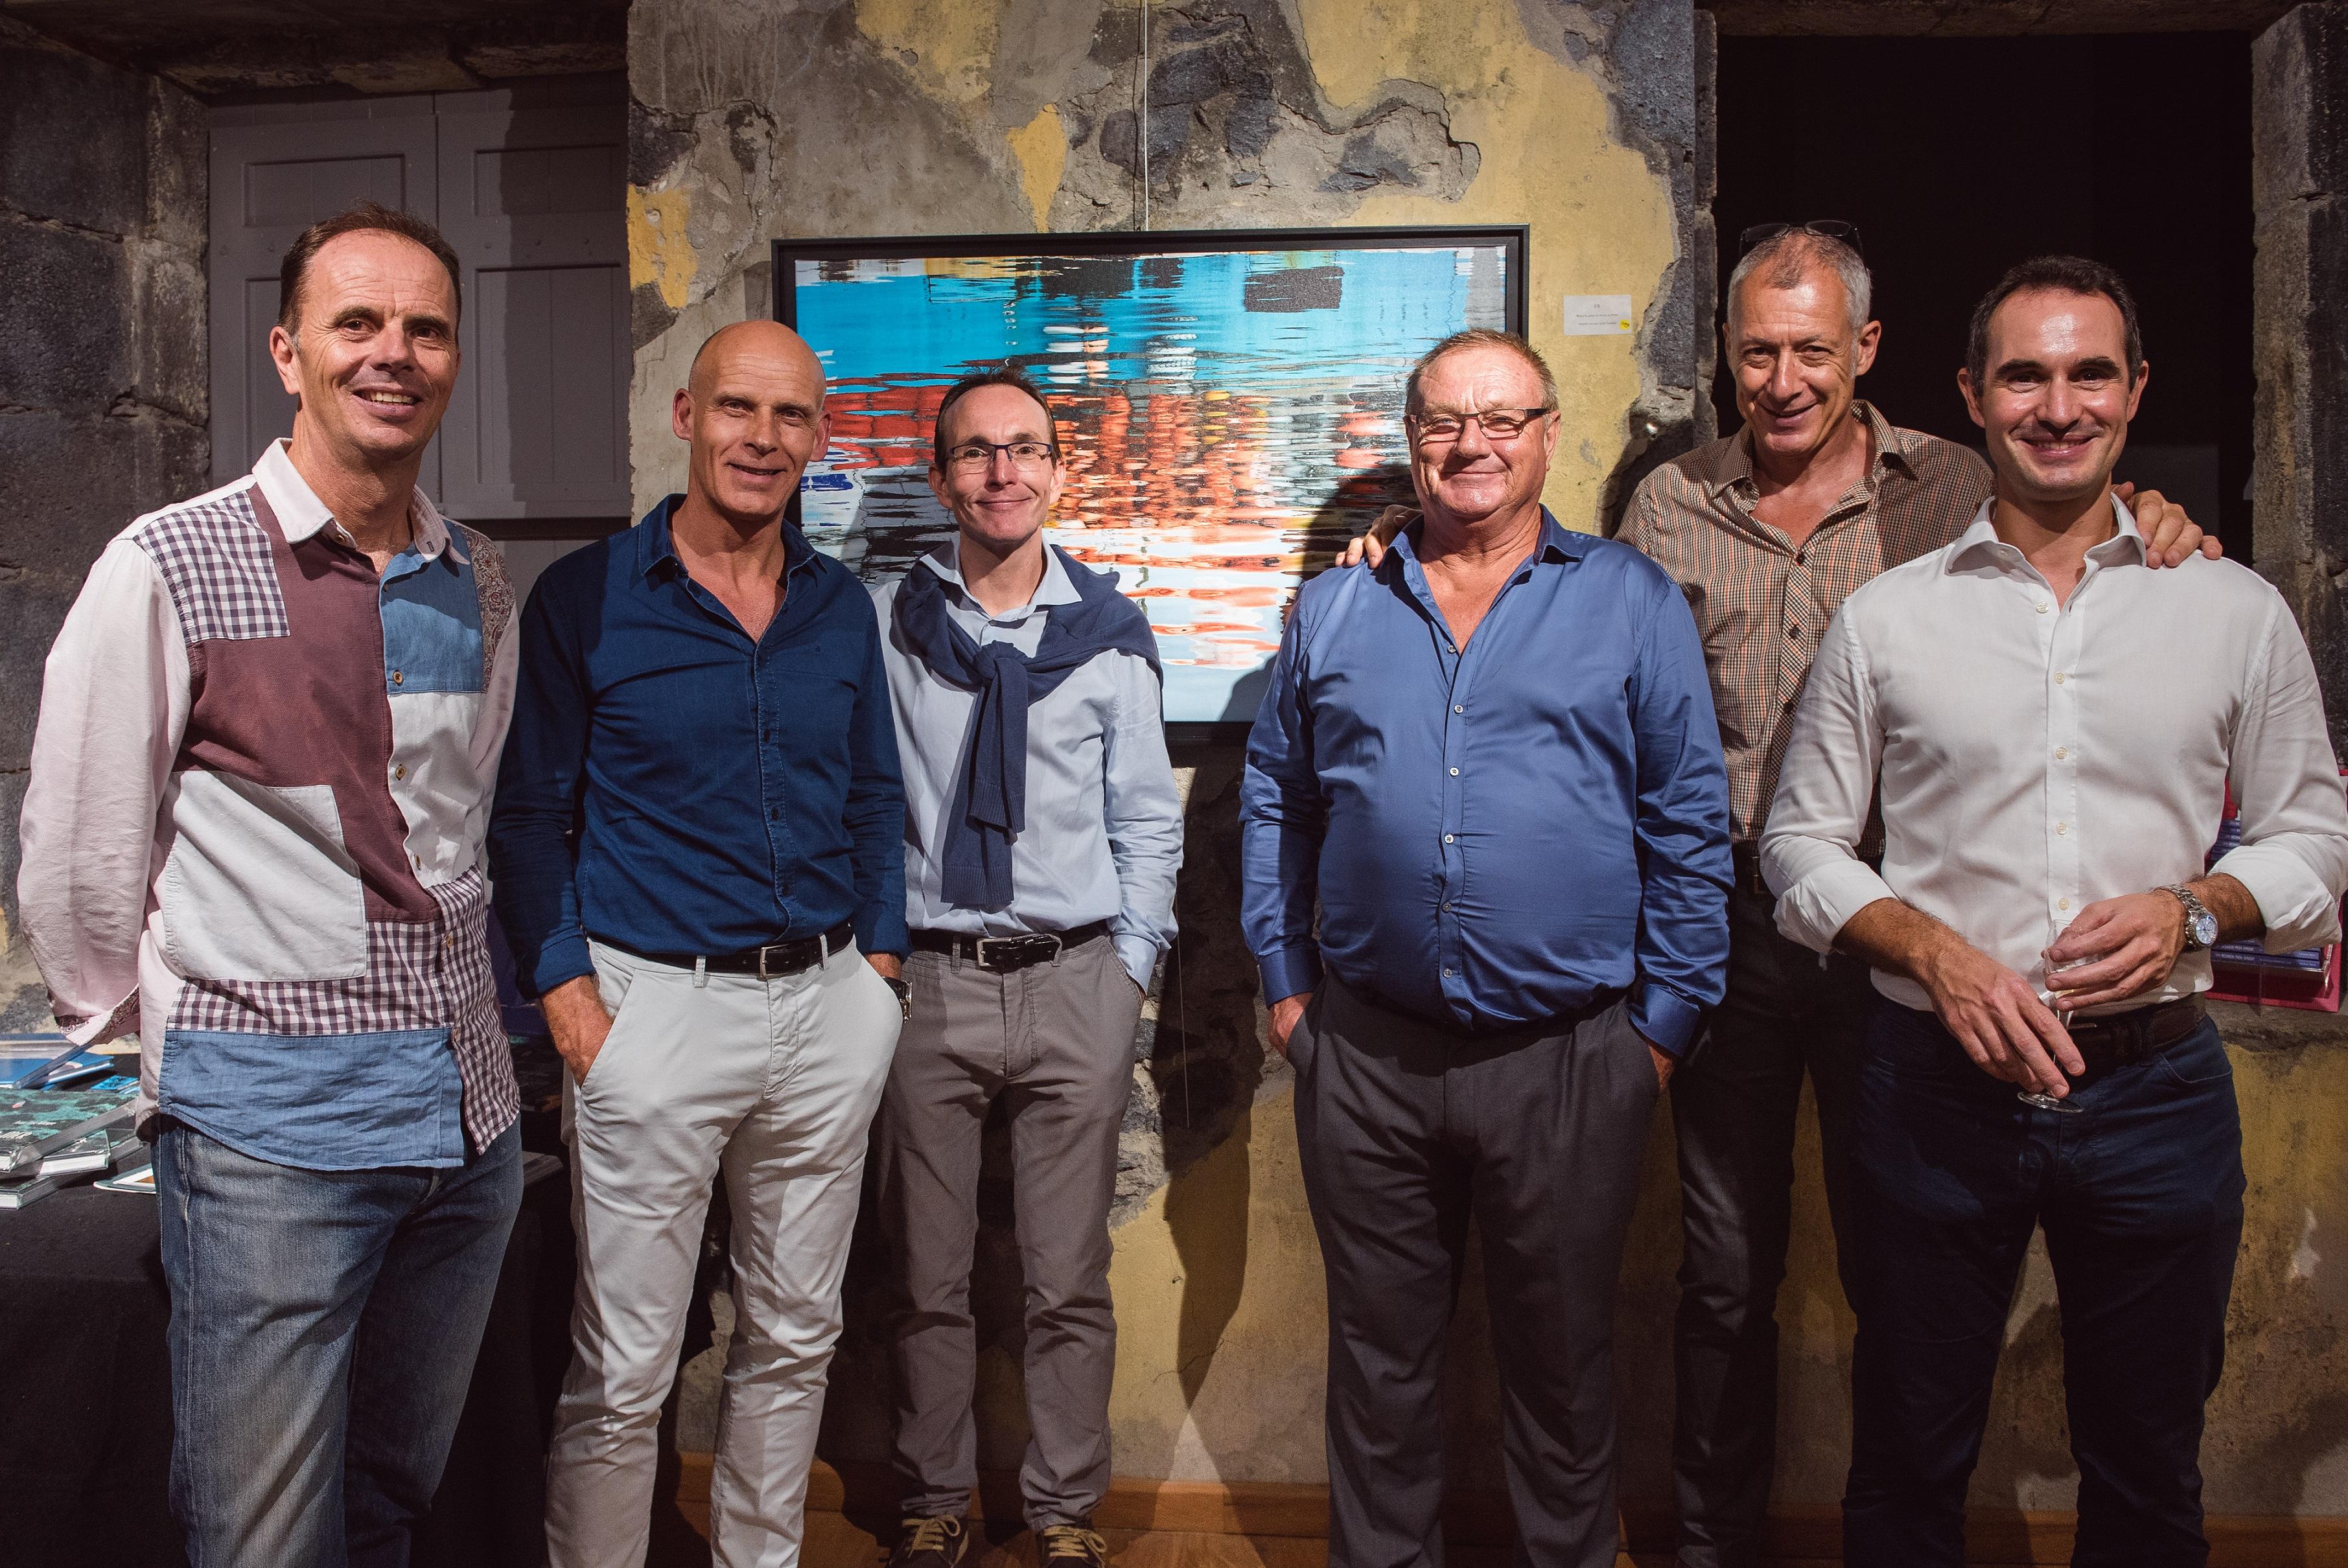 L'équipe Réunimer de gauche vers la droite : Philippe Guérin, François Xavier Crosnier Mangeat,  Hubert Chénédé, Jean-Marc Berquer et Sébastien Camus.  Derrière à droite : le photographe et éditeur, Jean-Luc Allègre